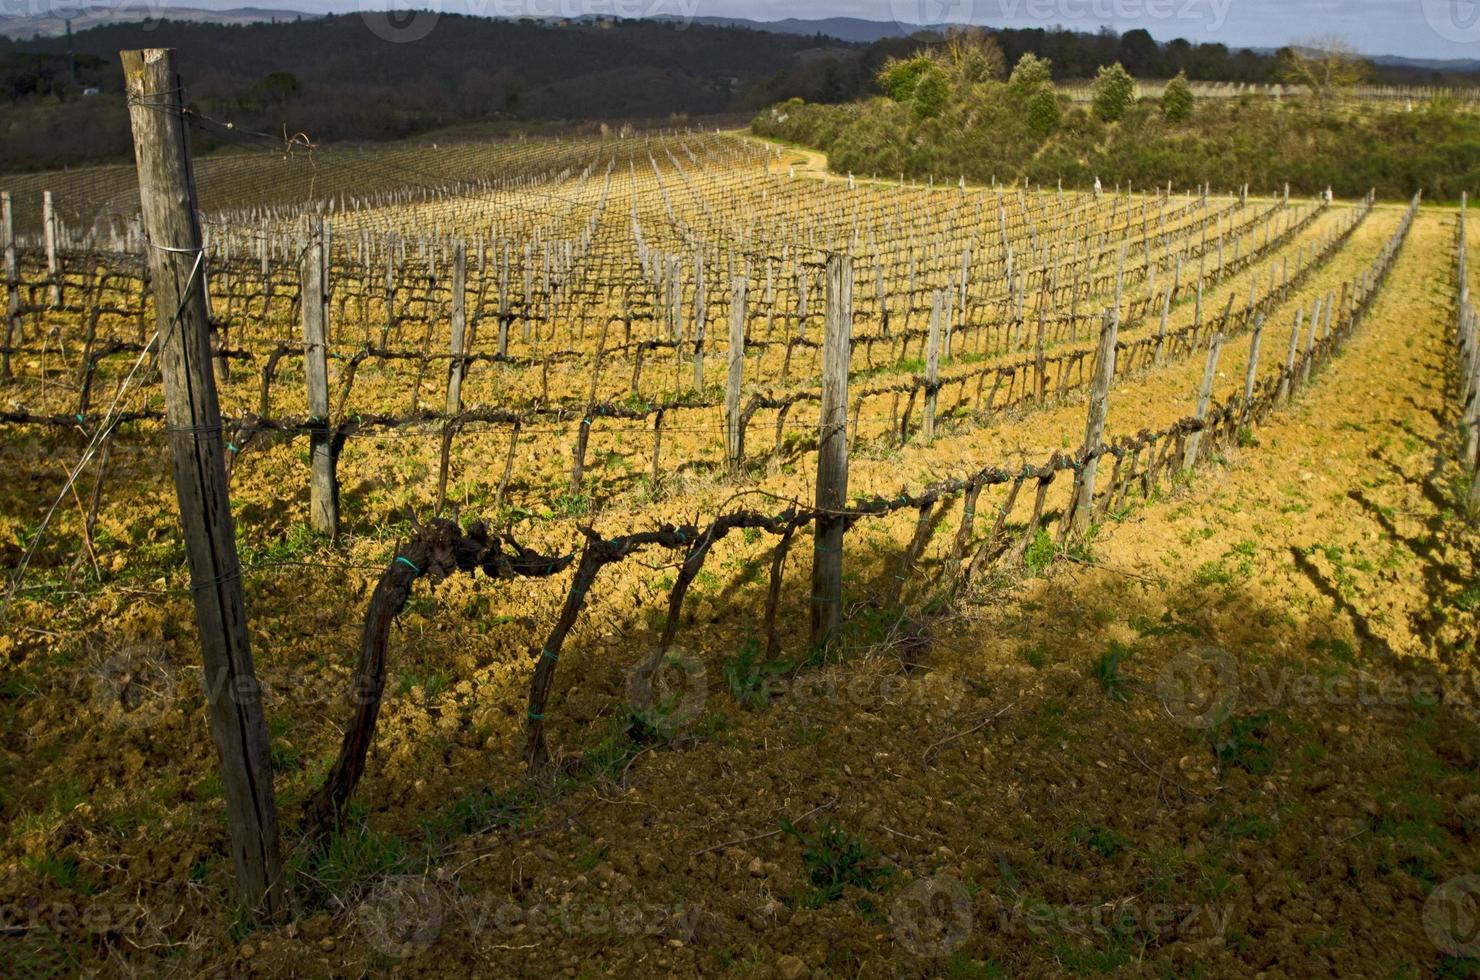 wijngaard Toscane, Italië in het voorjaar foto